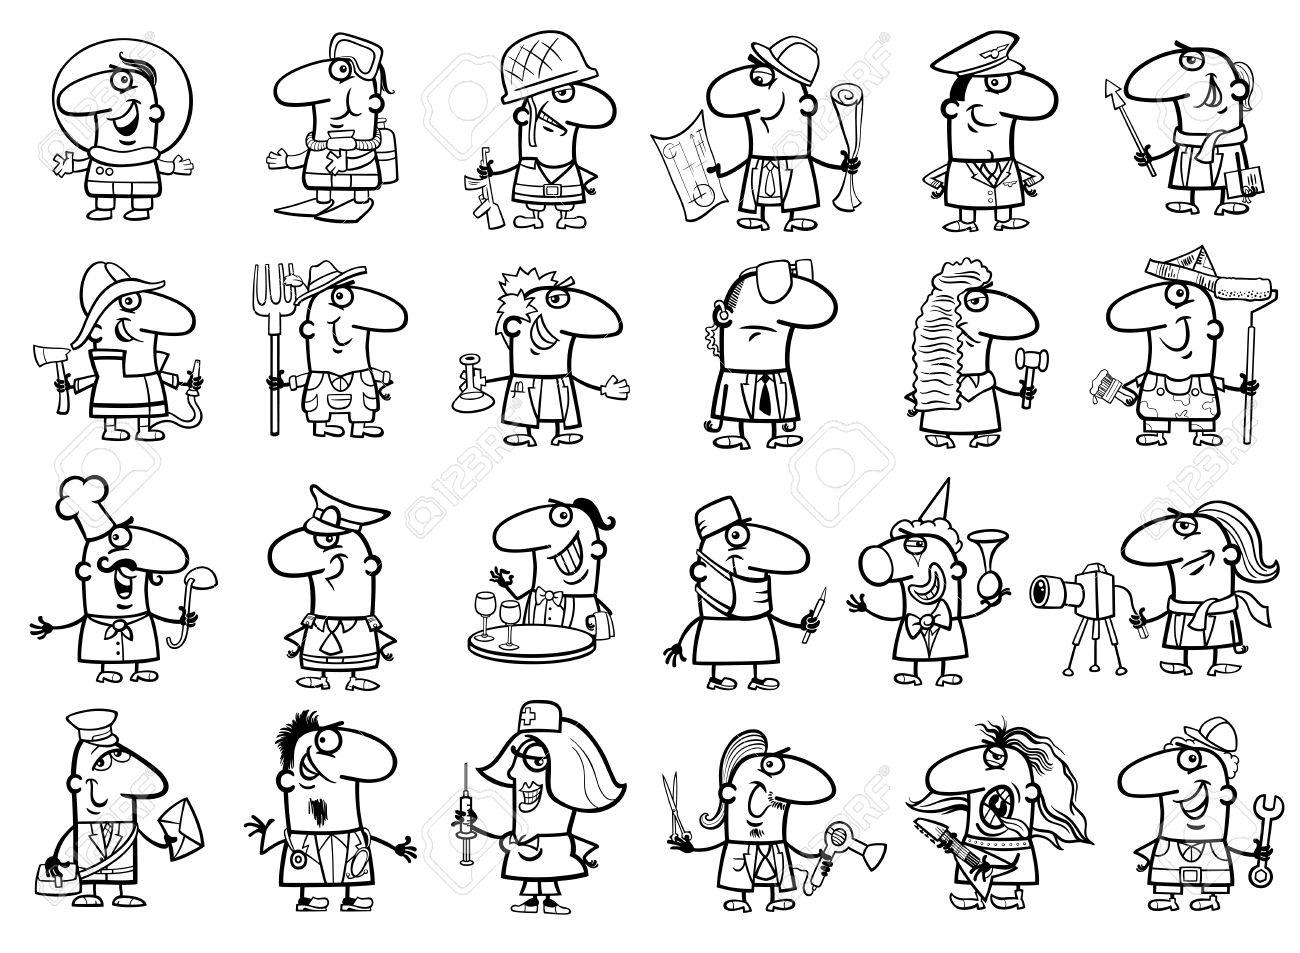 Ilustración De Dibujos Animados En Blanco Y Negro De Personas ...